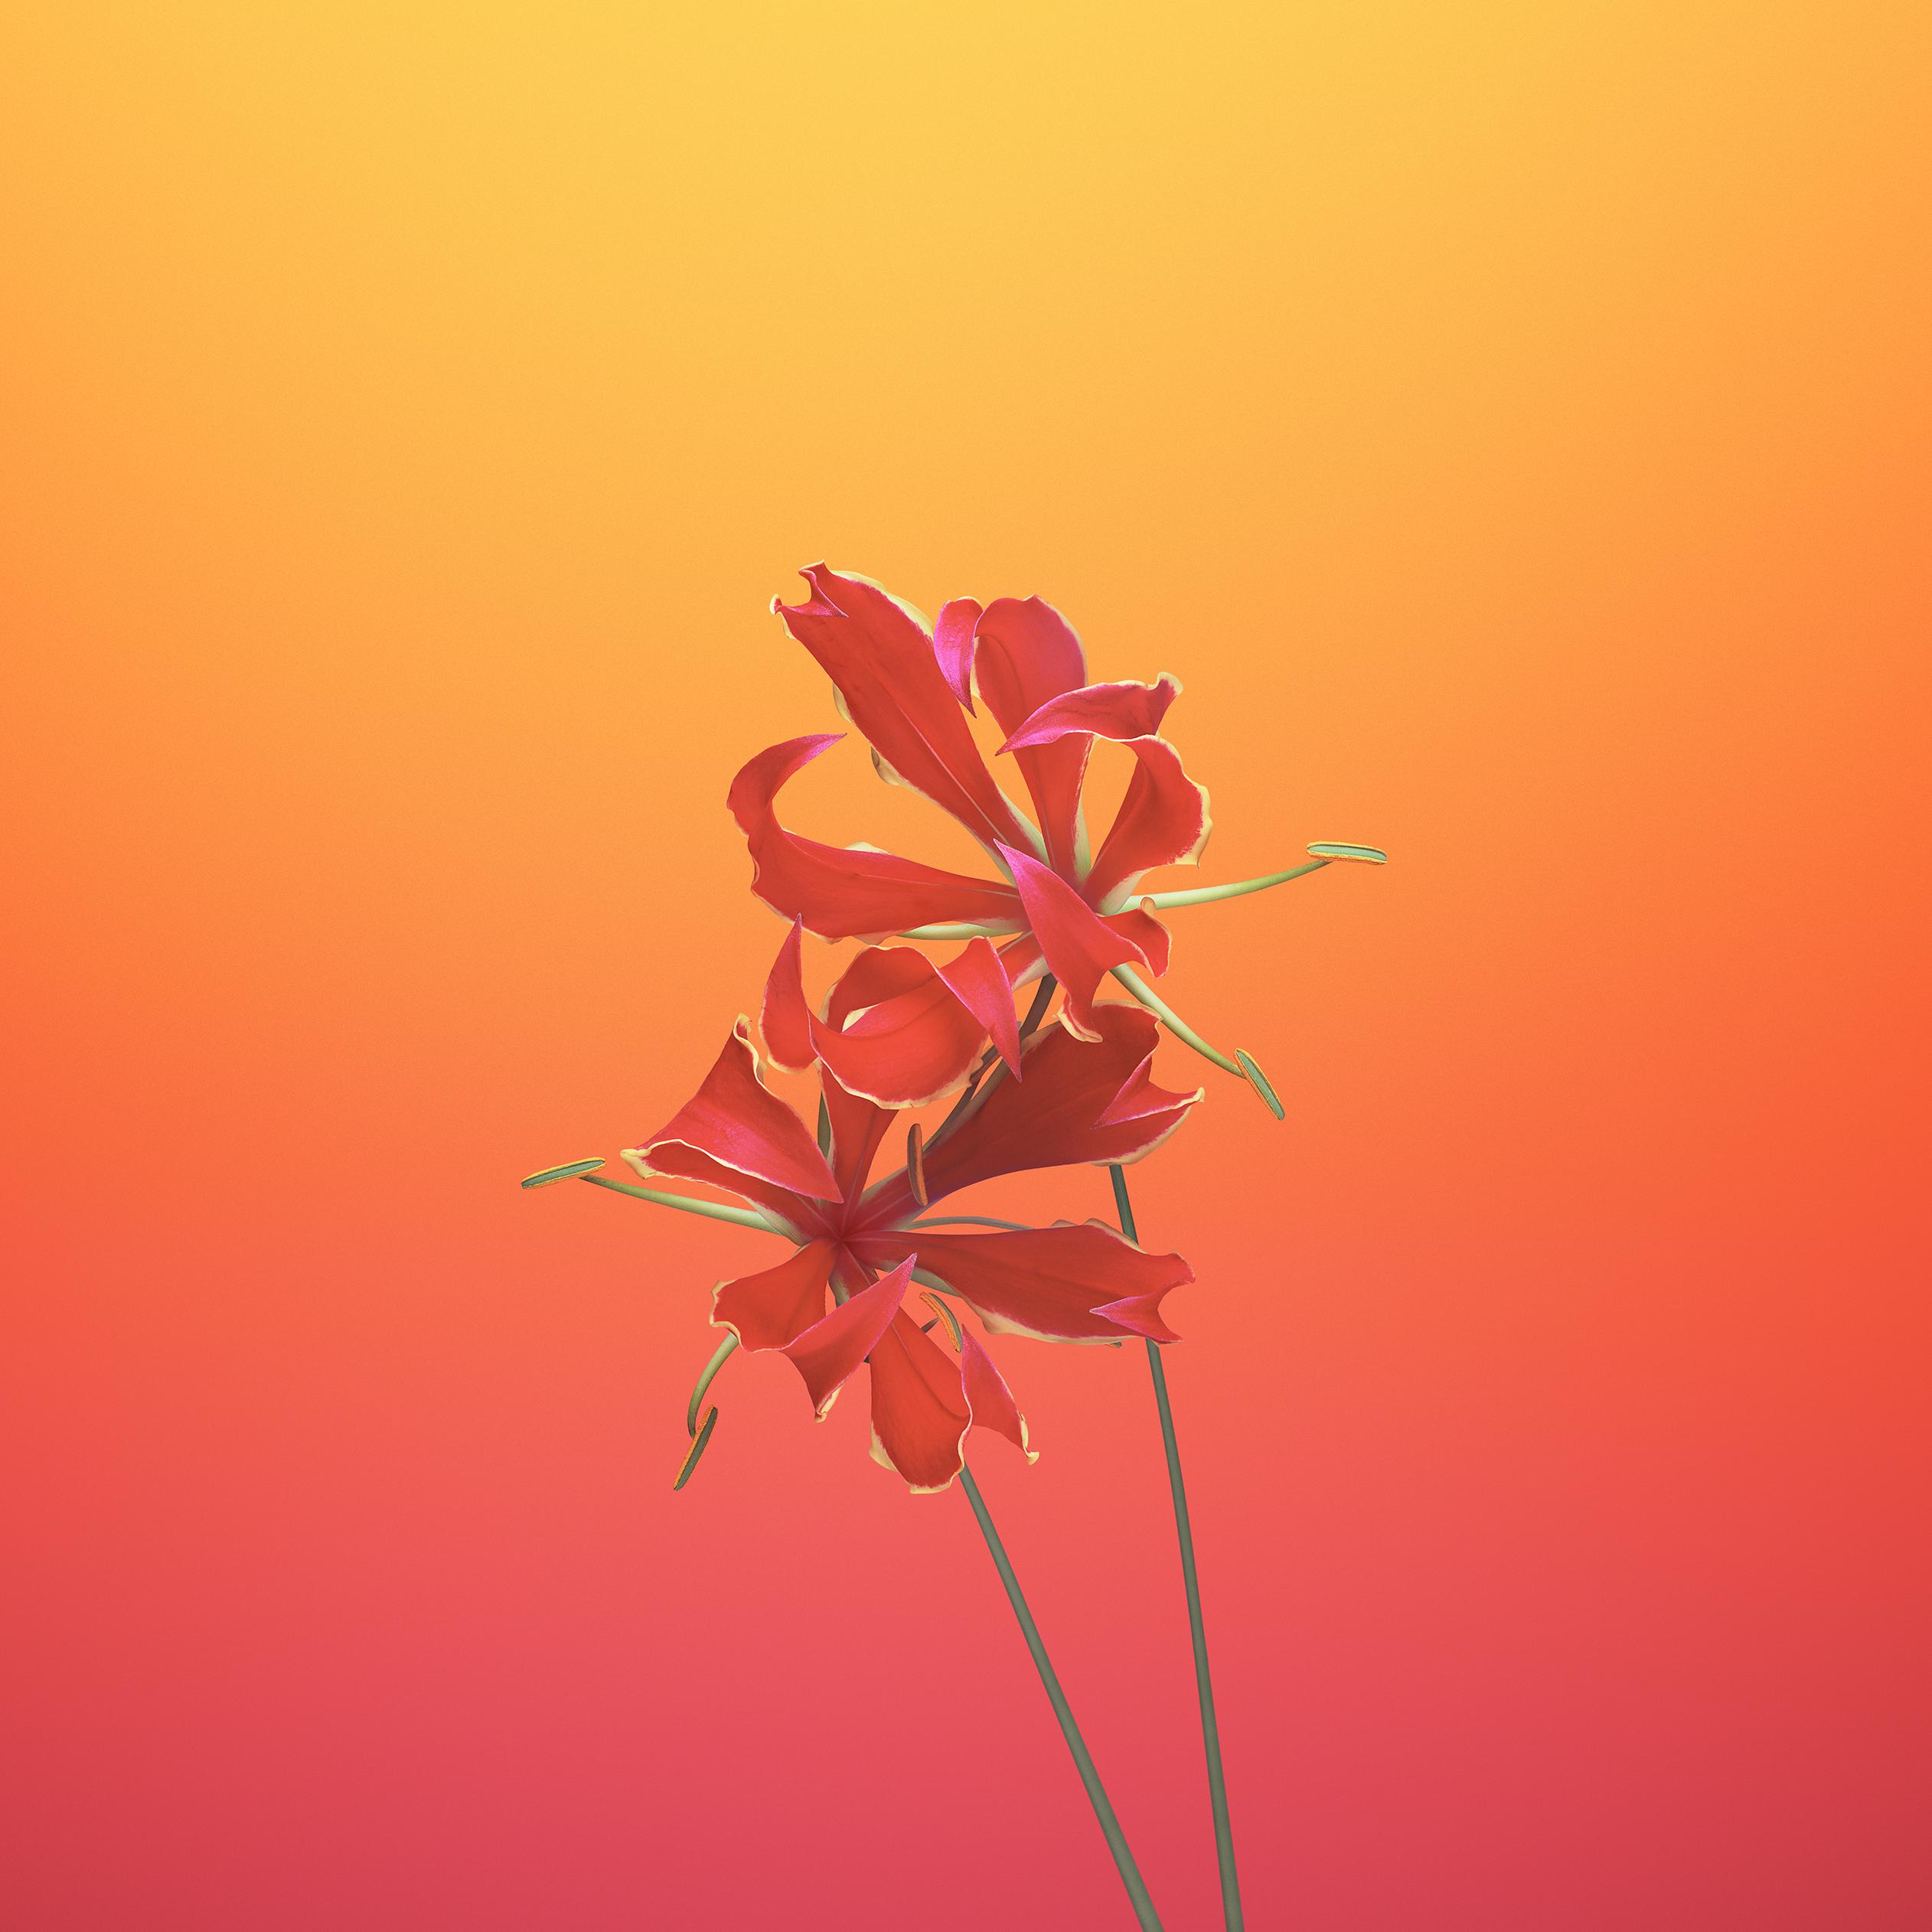 Fondo de pantalla floral de iOS 11